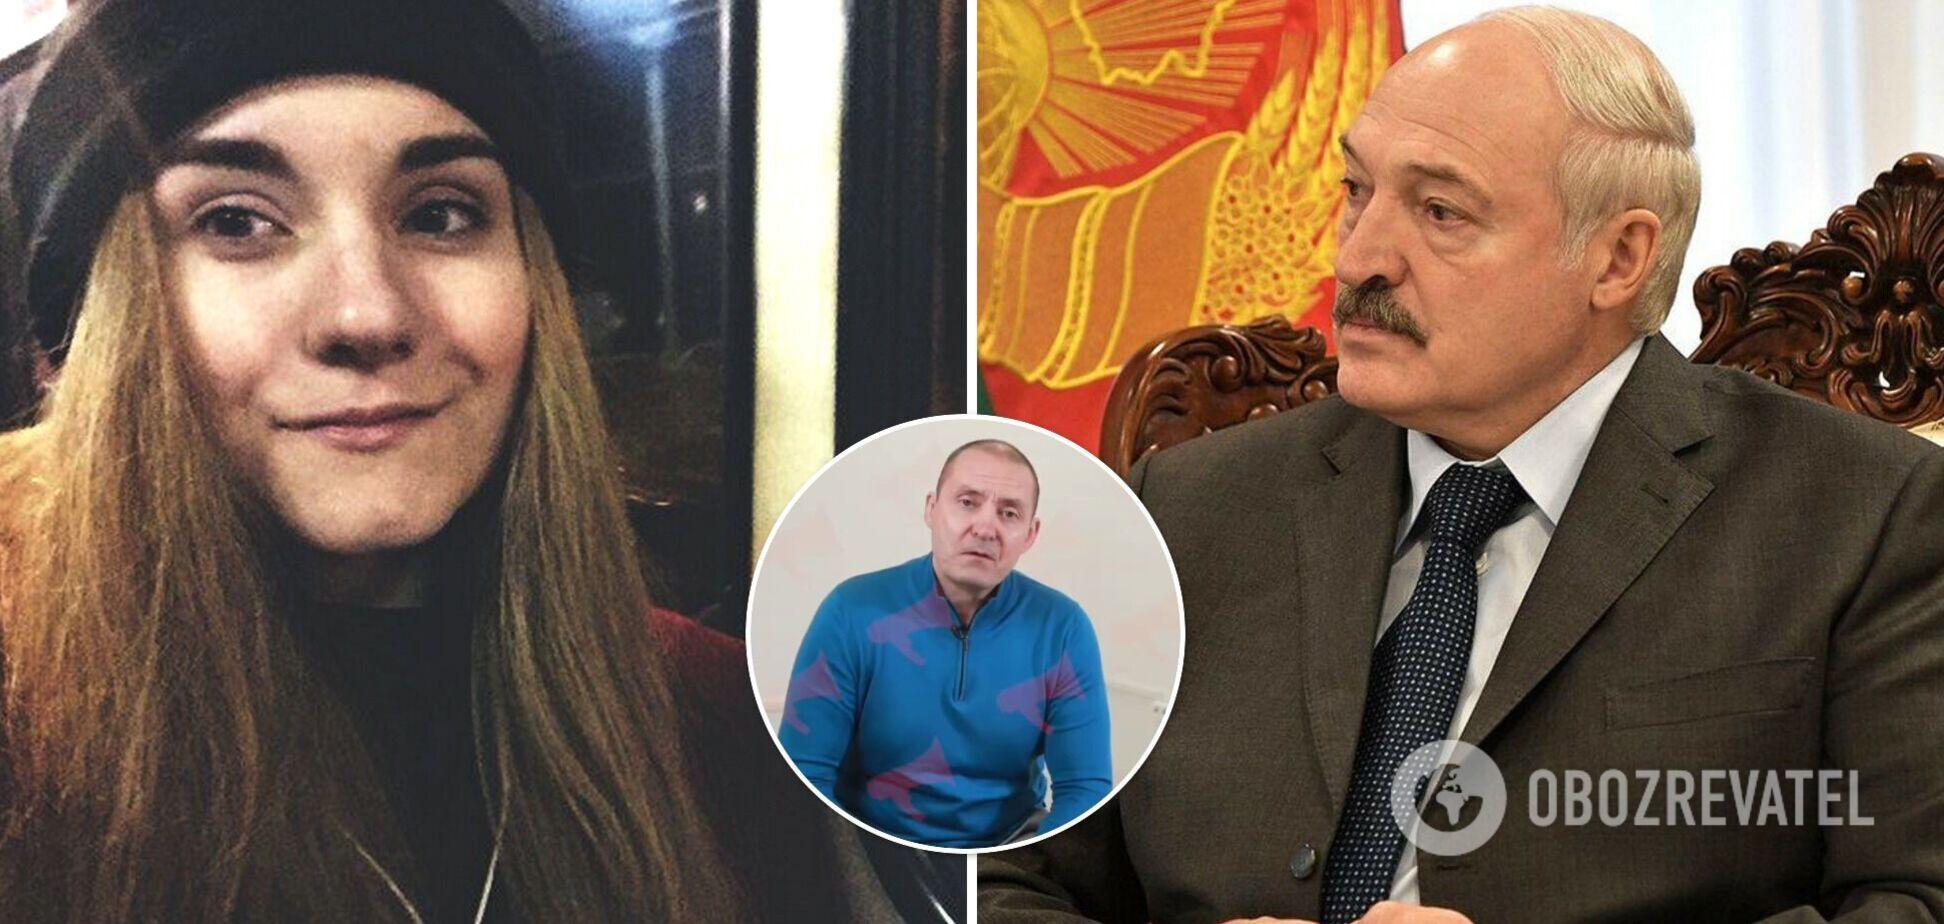 Отец Софии Сапеги обратился к Лукашенко: прошу вас о милосердии. Видео